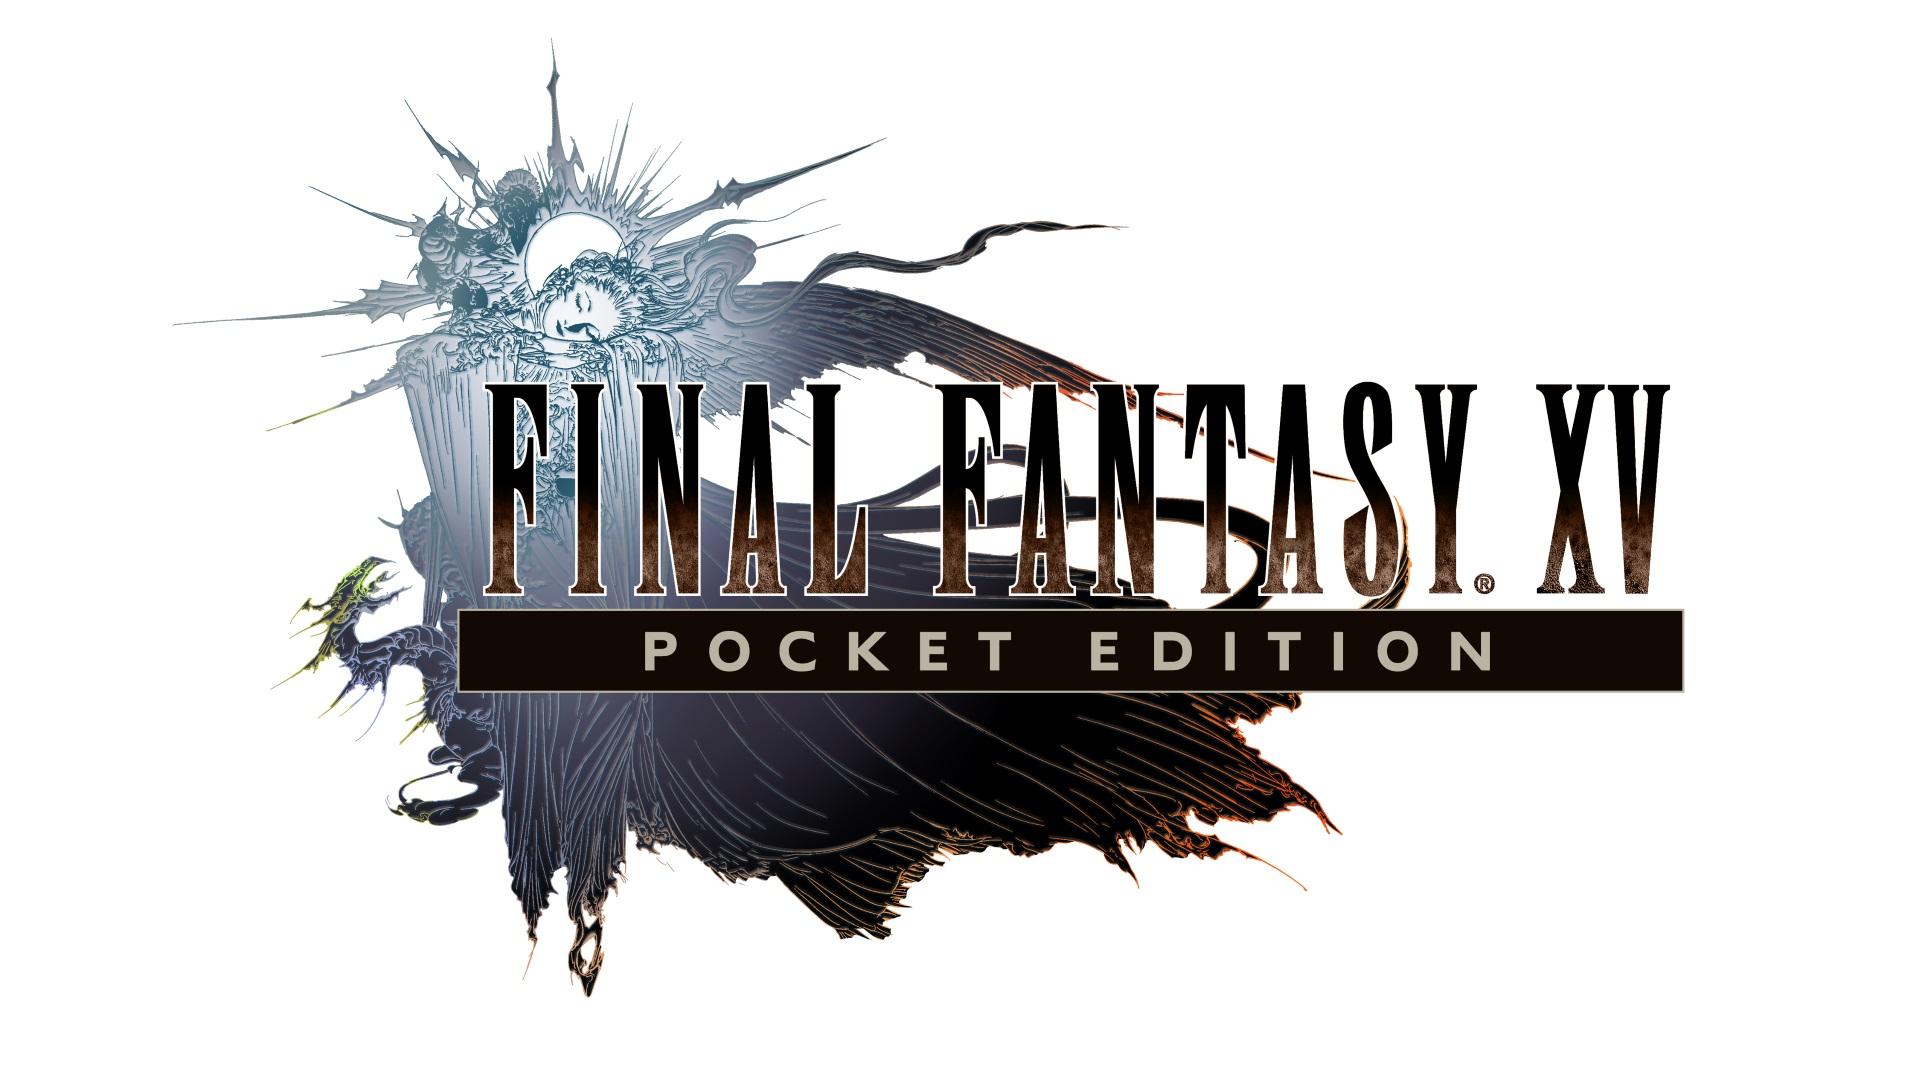 ゲームアプリ「ファイナルファンタジーXV ポケットエディション」の配信が決定